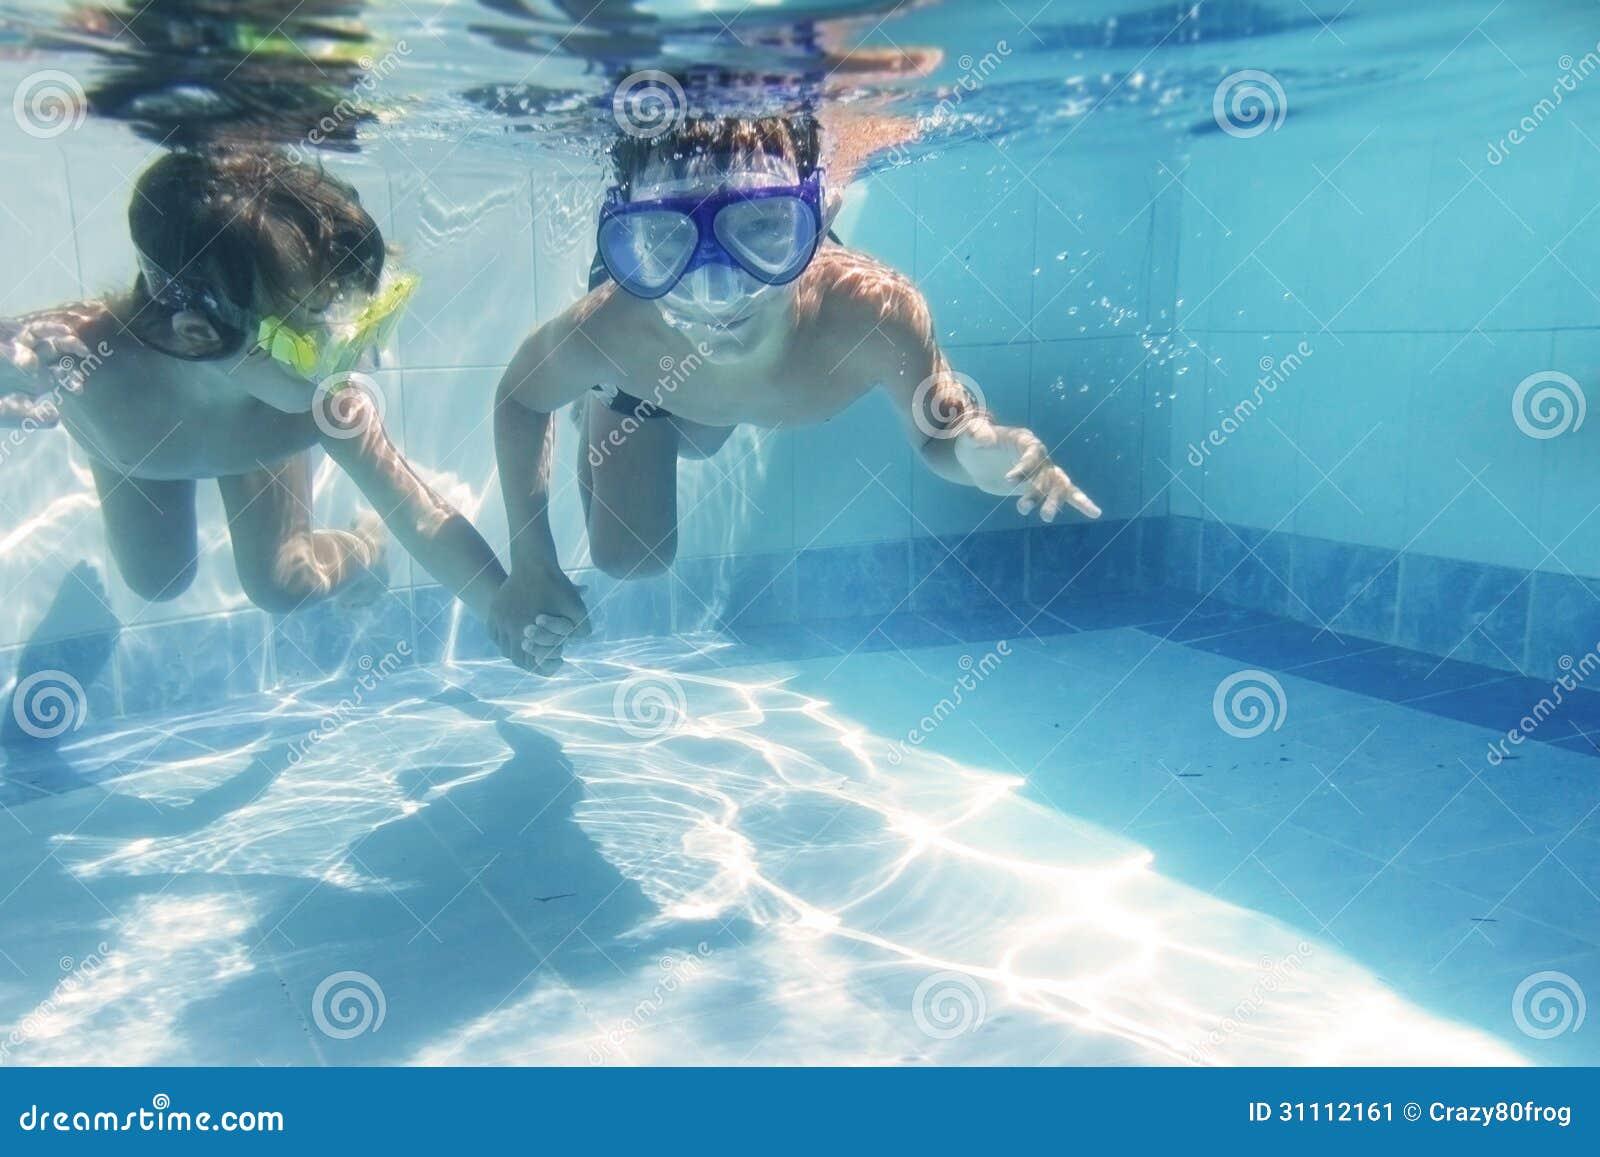 les enfants plongeant sous l 39 eau dans google image stock image 31112161. Black Bedroom Furniture Sets. Home Design Ideas